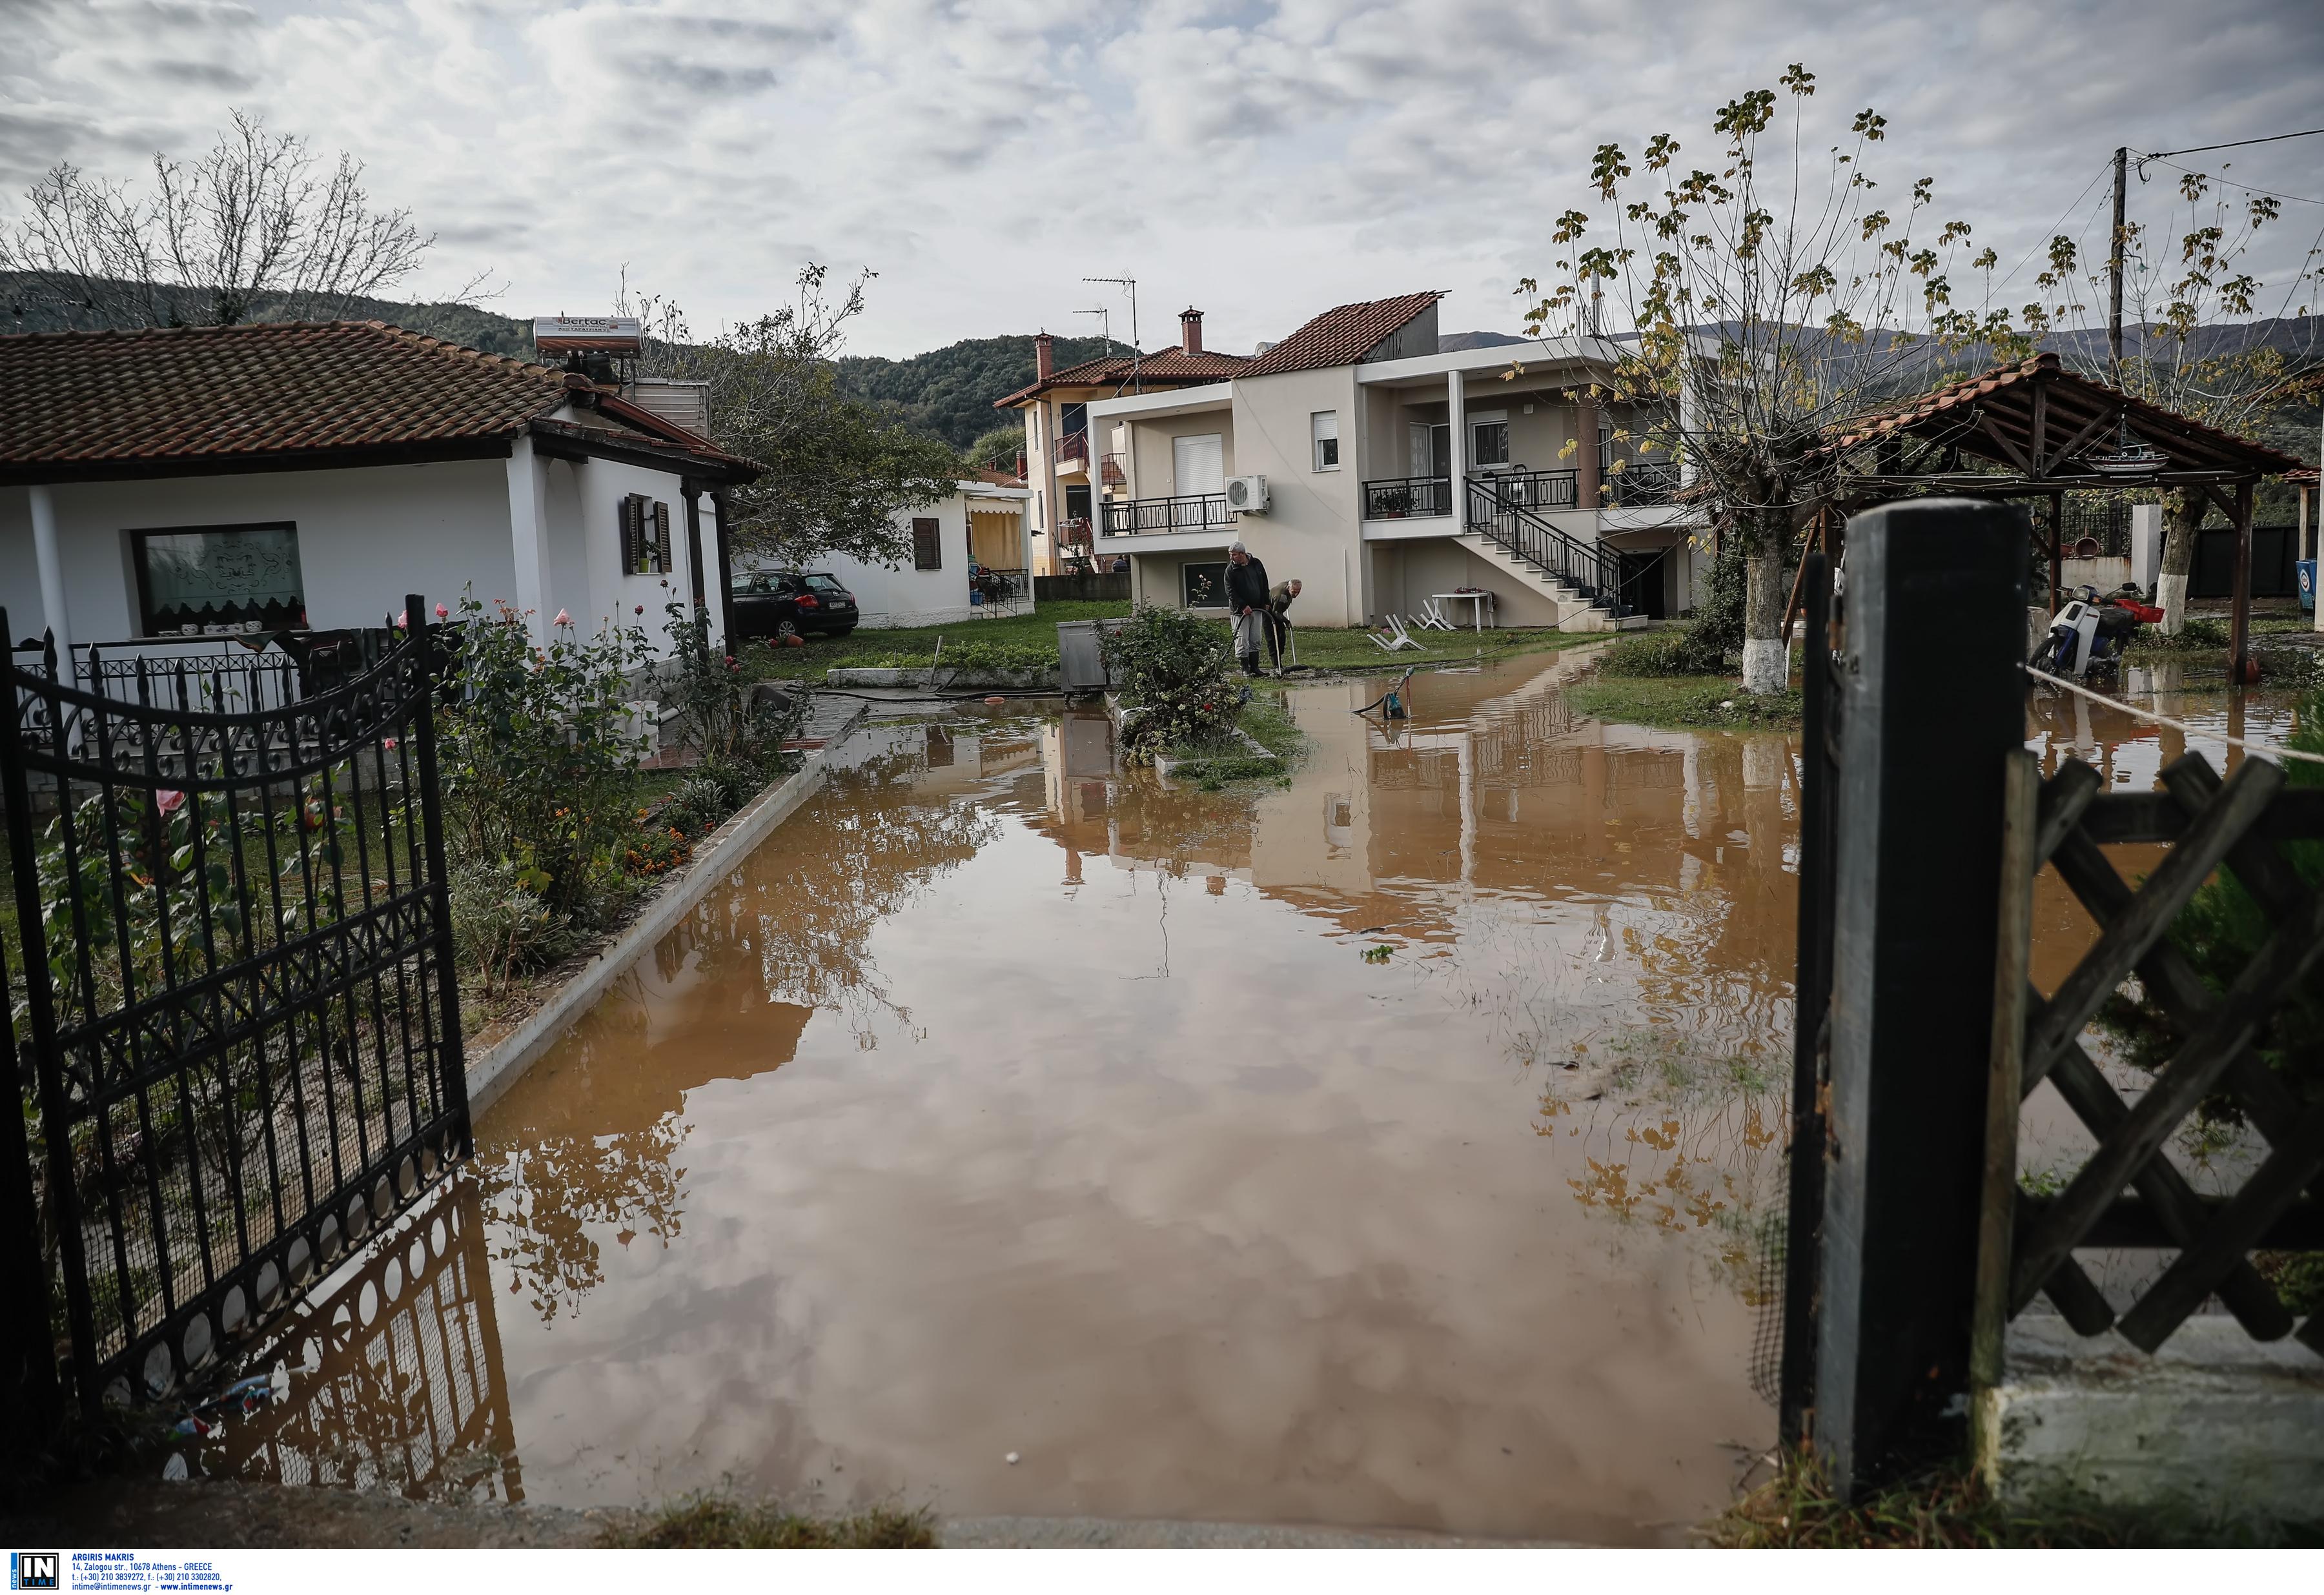 Τροπικές νύχτες και πλημμύρες στην Κεντρική Μακεδονία – Οι προβλέψεις για τις επόμενες δεκαετίες